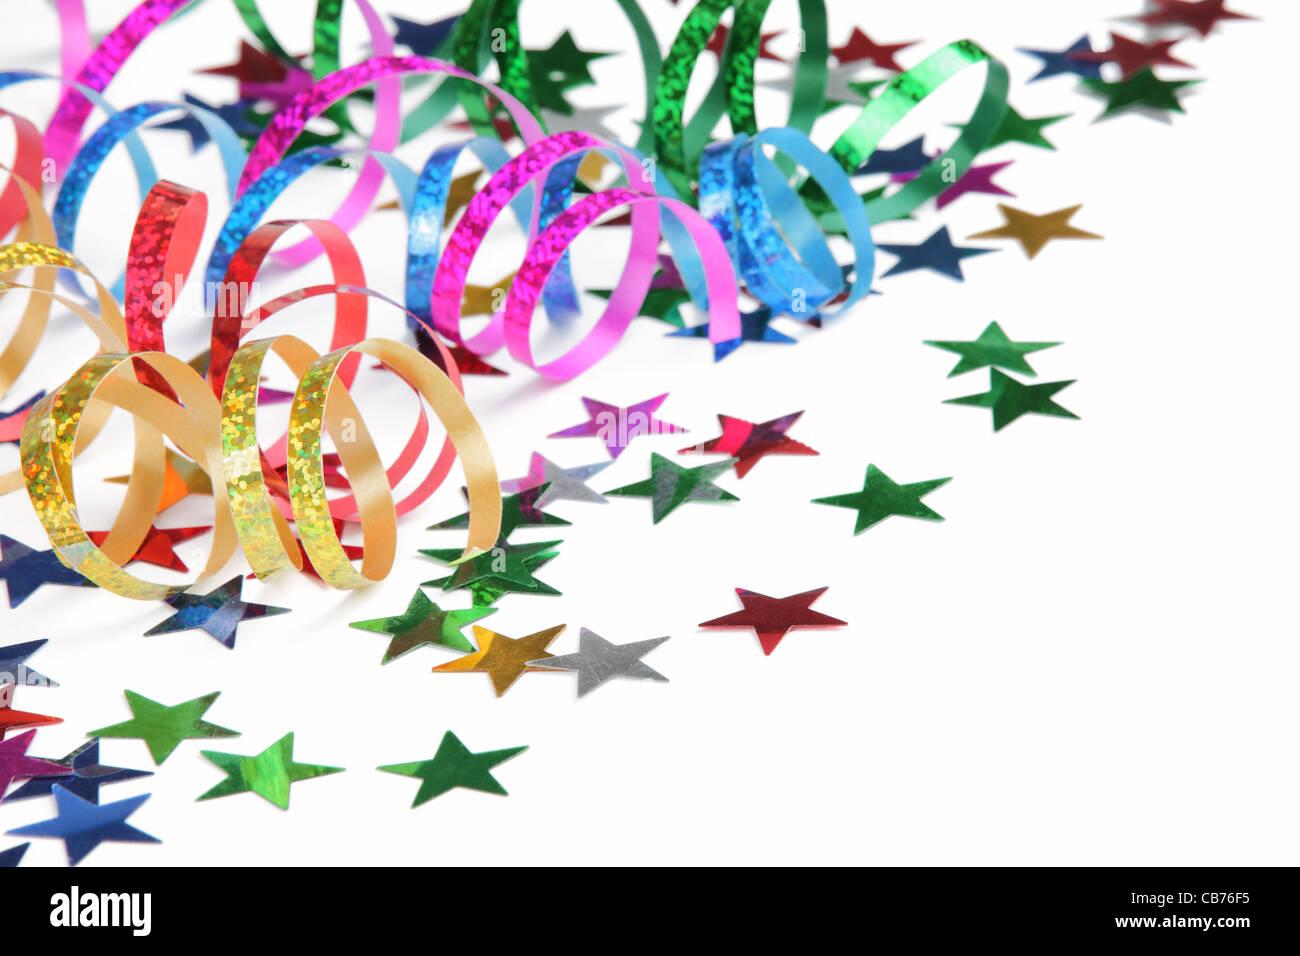 Colorate stelle filanti e coriandoli su sfondo bianco Immagini Stock